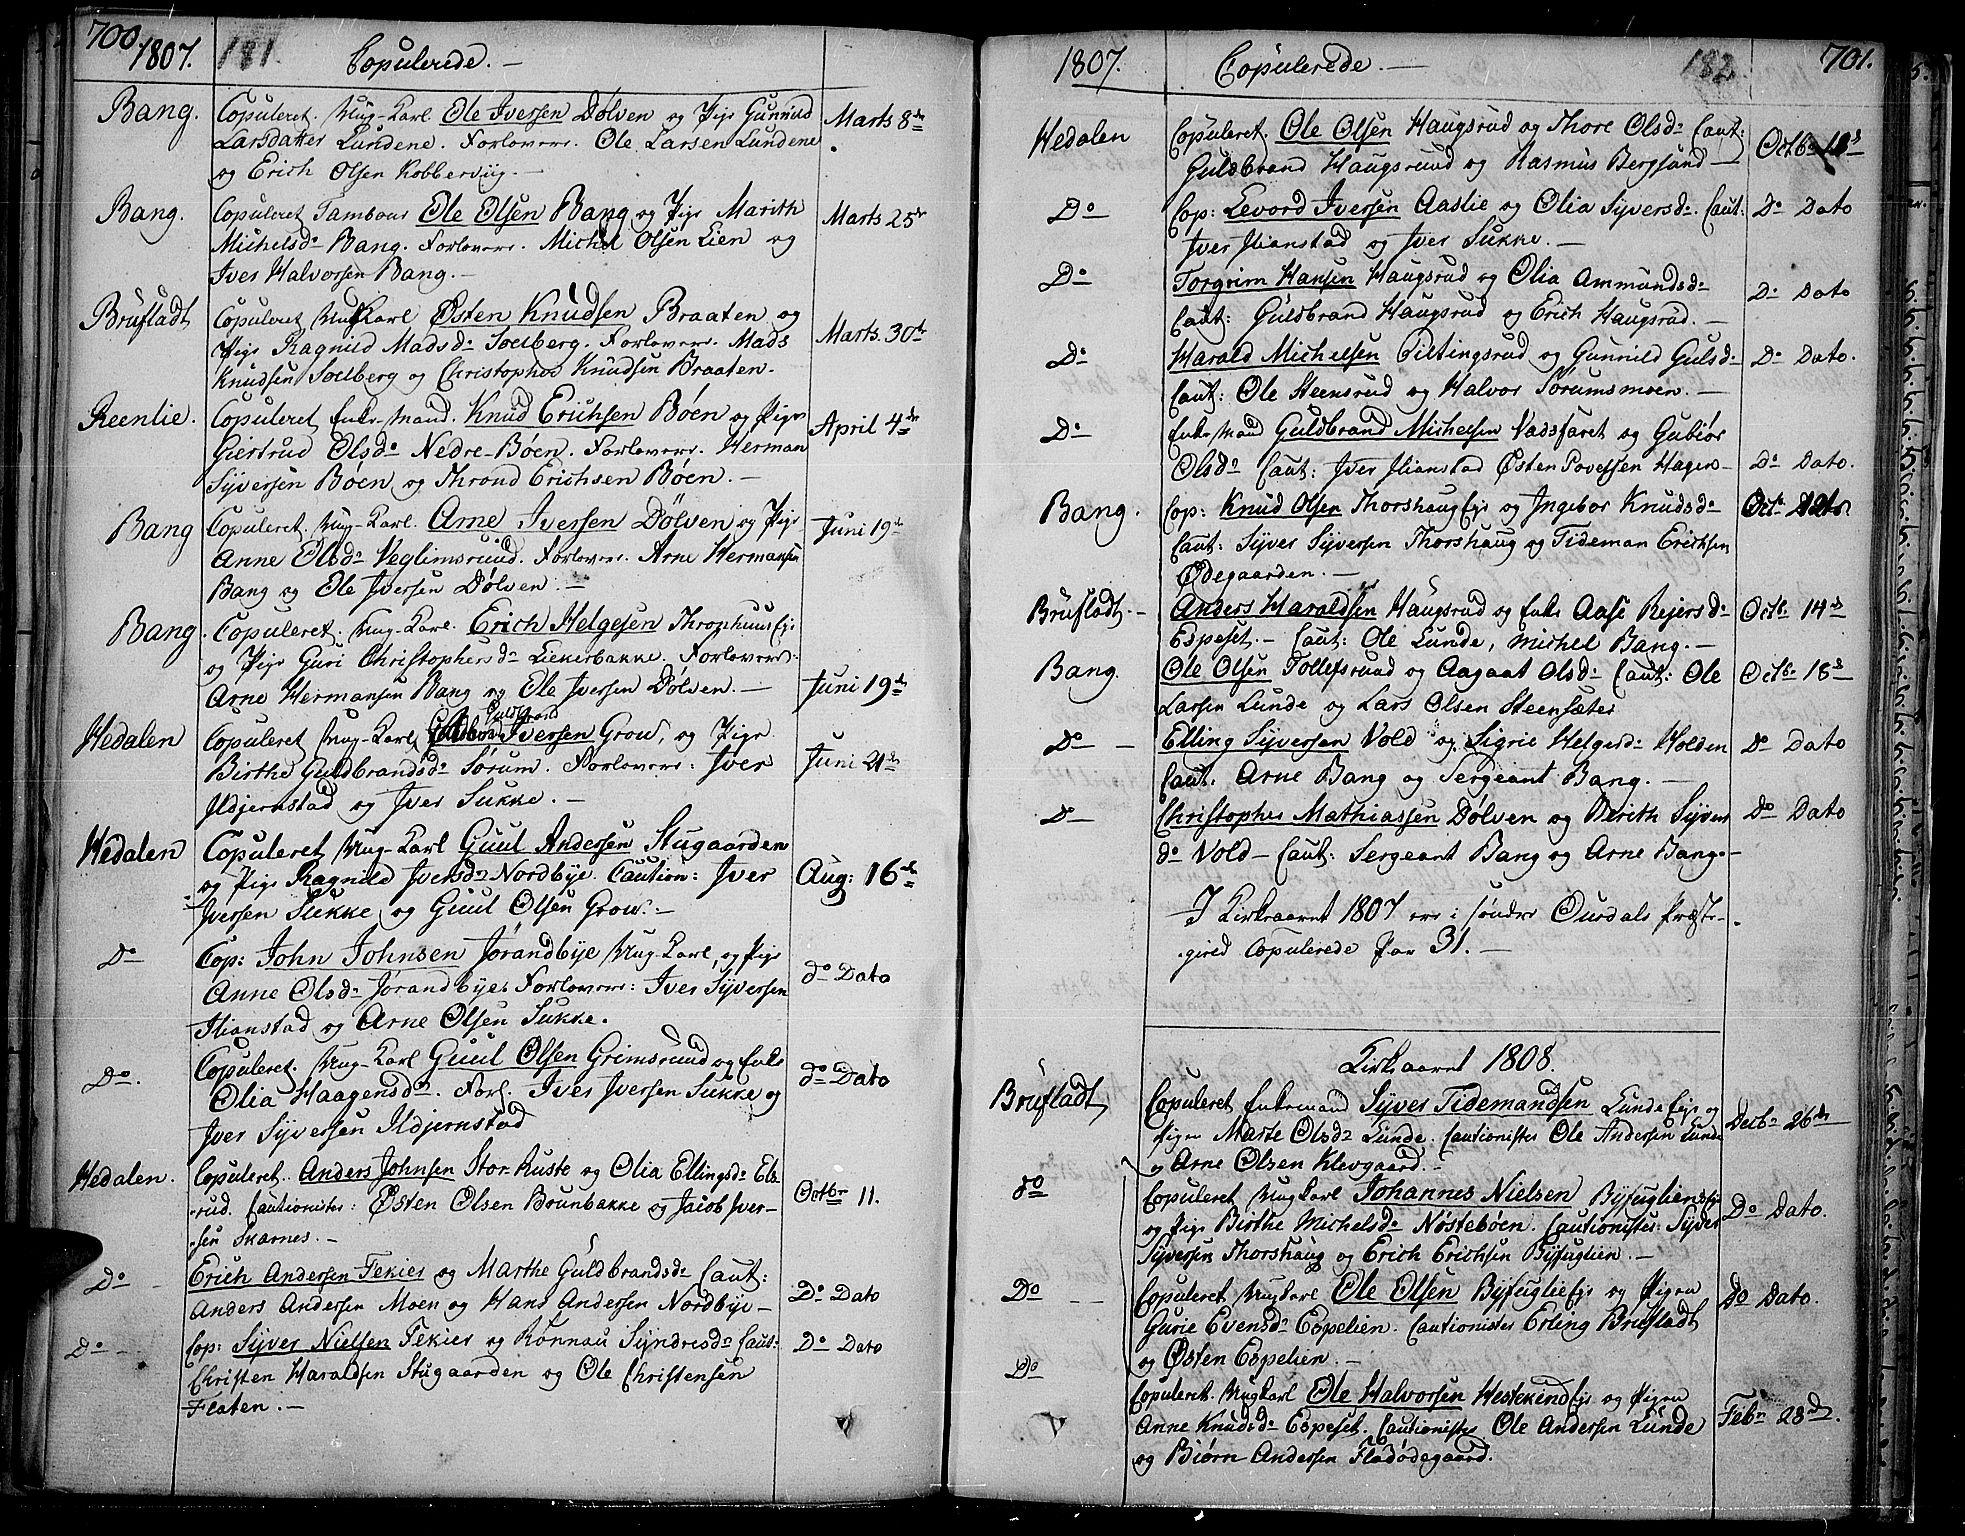 SAH, Sør-Aurdal prestekontor, Ministerialbok nr. 1, 1807-1815, s. 181-182